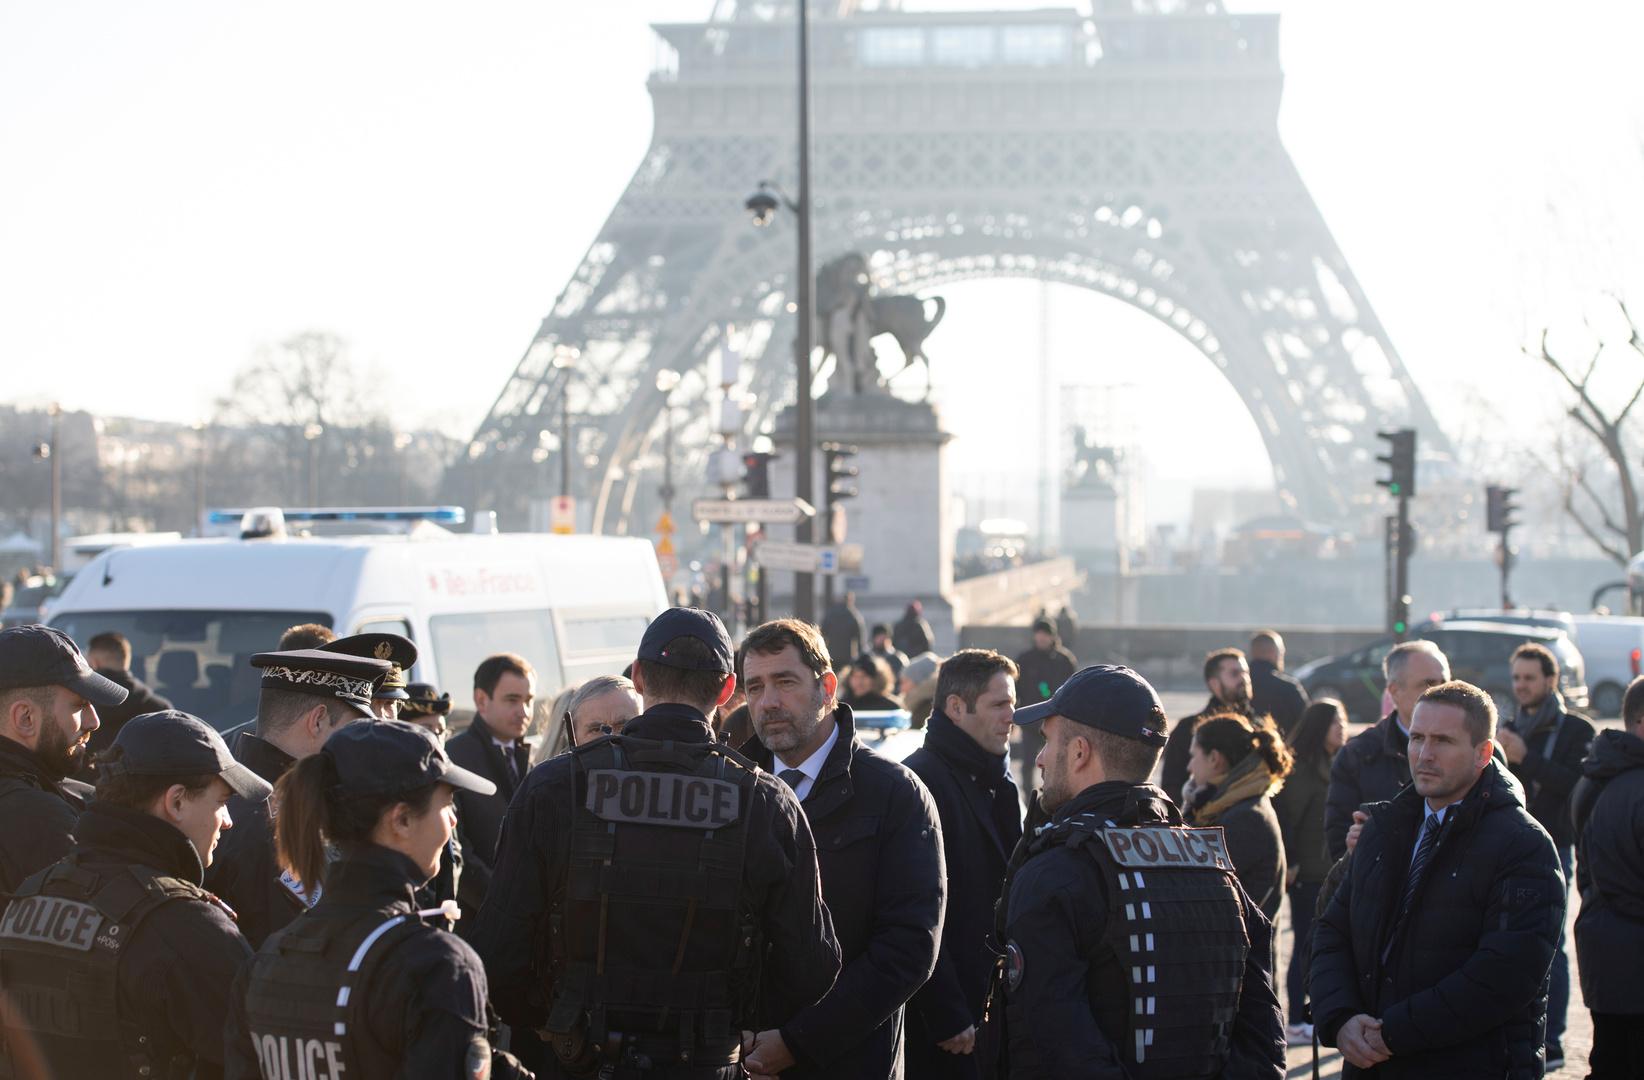 وزير الداخلية الفرنسي يتحدث إلى عناصر الشرطة في باريس